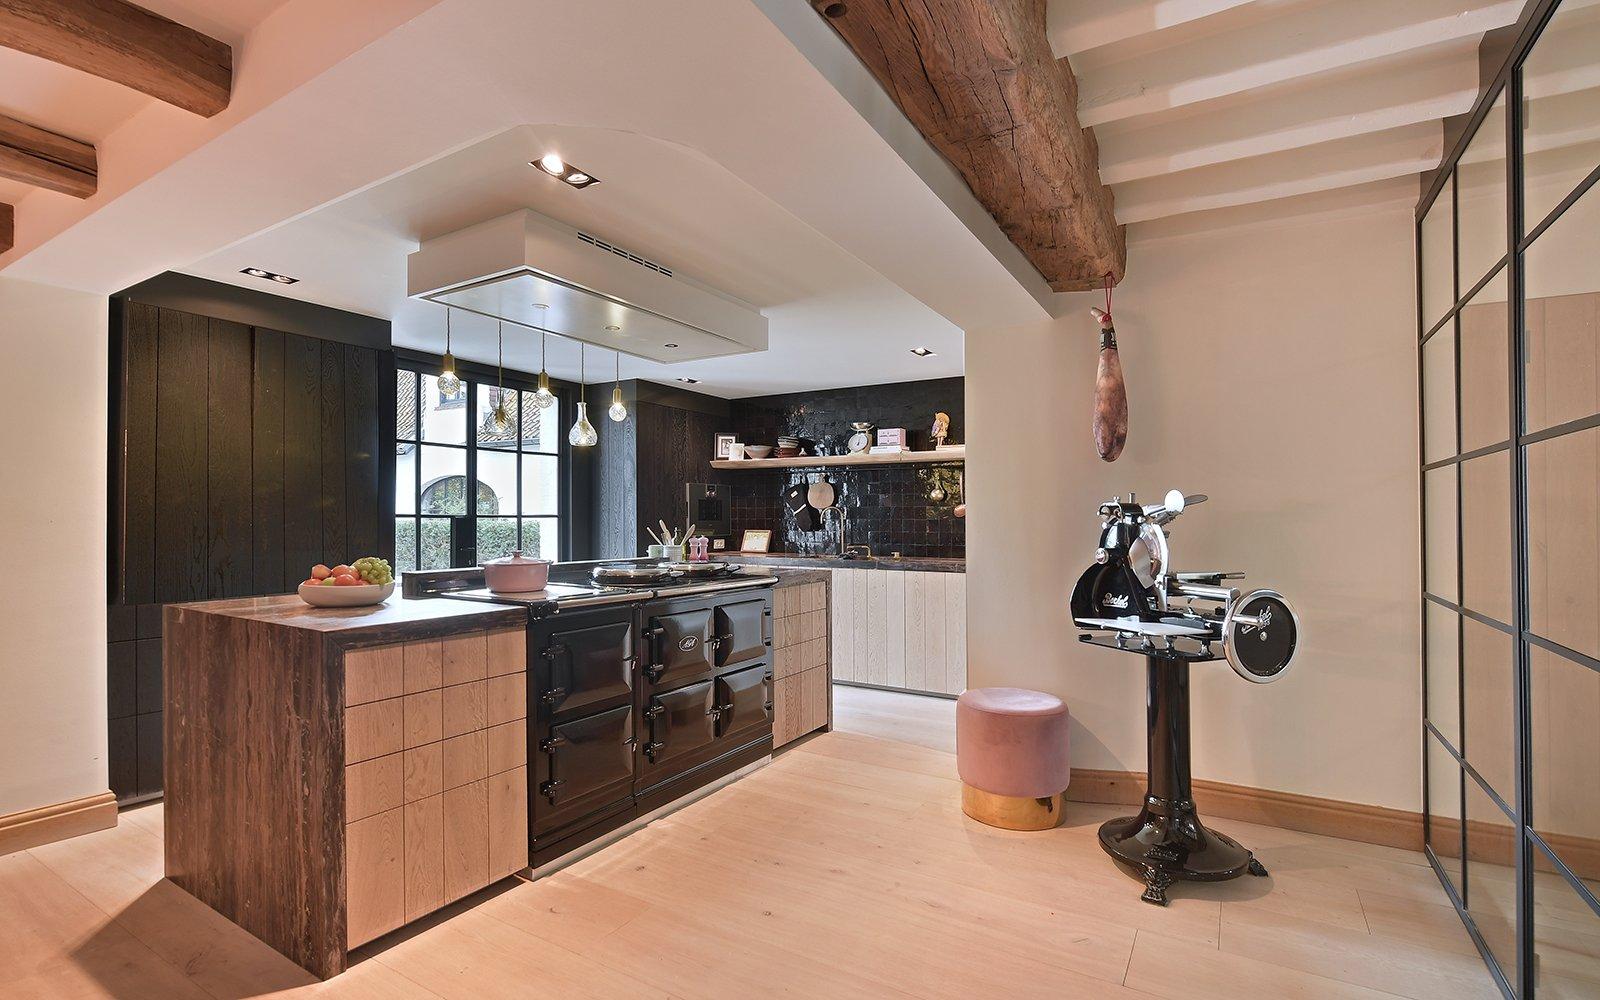 Landelijke keuken, Jurgen Weyne, Keuken, AGA Fornhuis, Klassiek, Landelijk, Hout, Openhaard, Living, Bank, Lounge